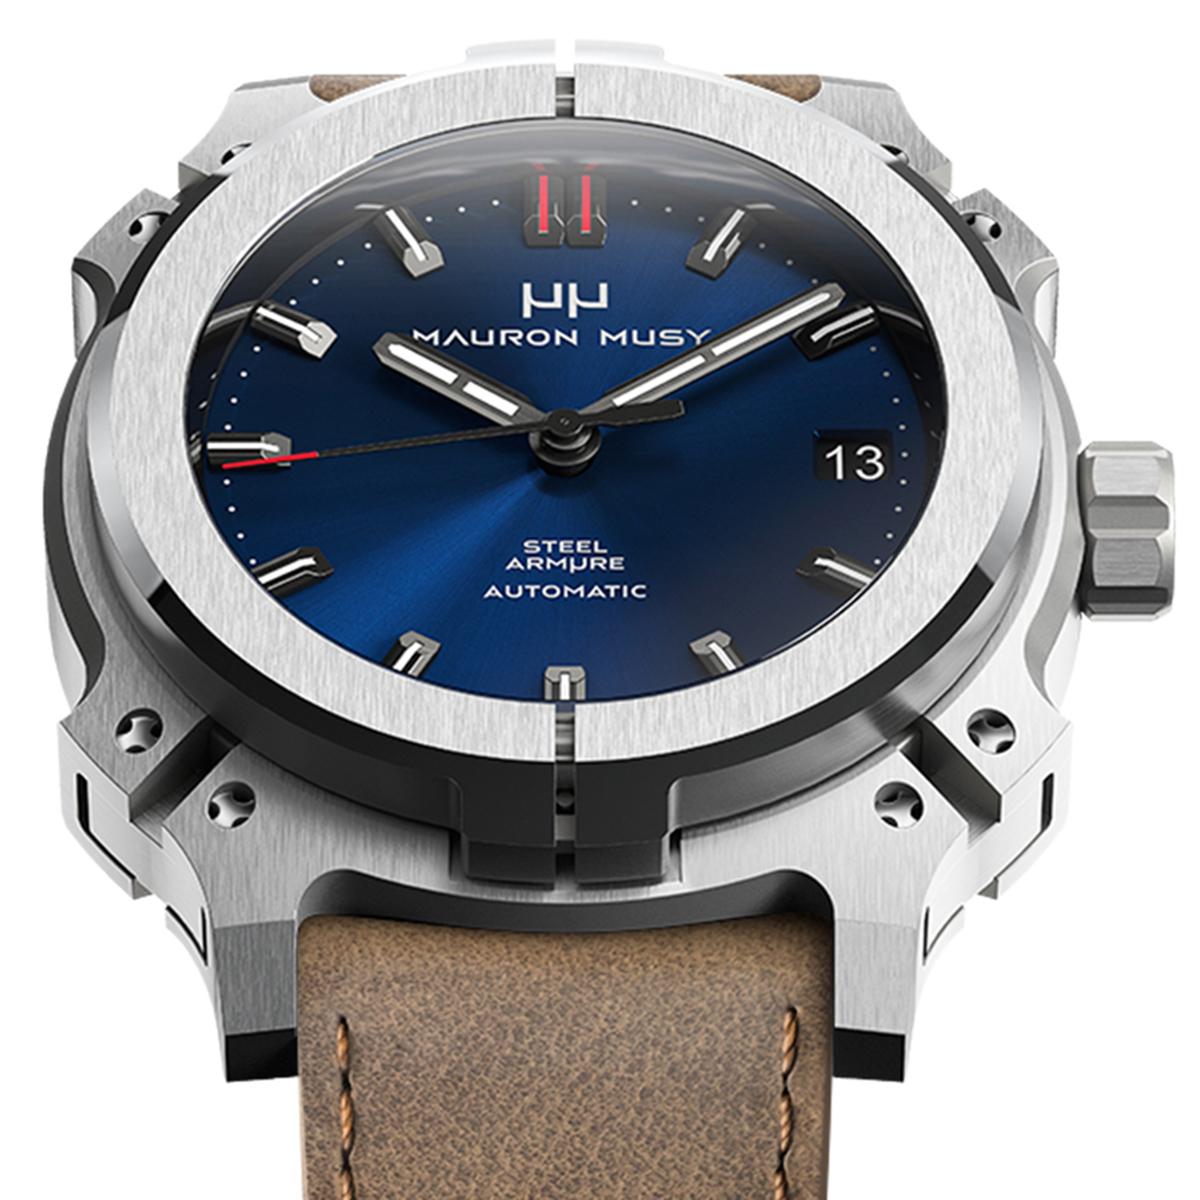 【残り1点】MAURON MUSY モーロン・ミュジー 自動巻き 腕時計 [MU01-204-BrownLeather]  デイト